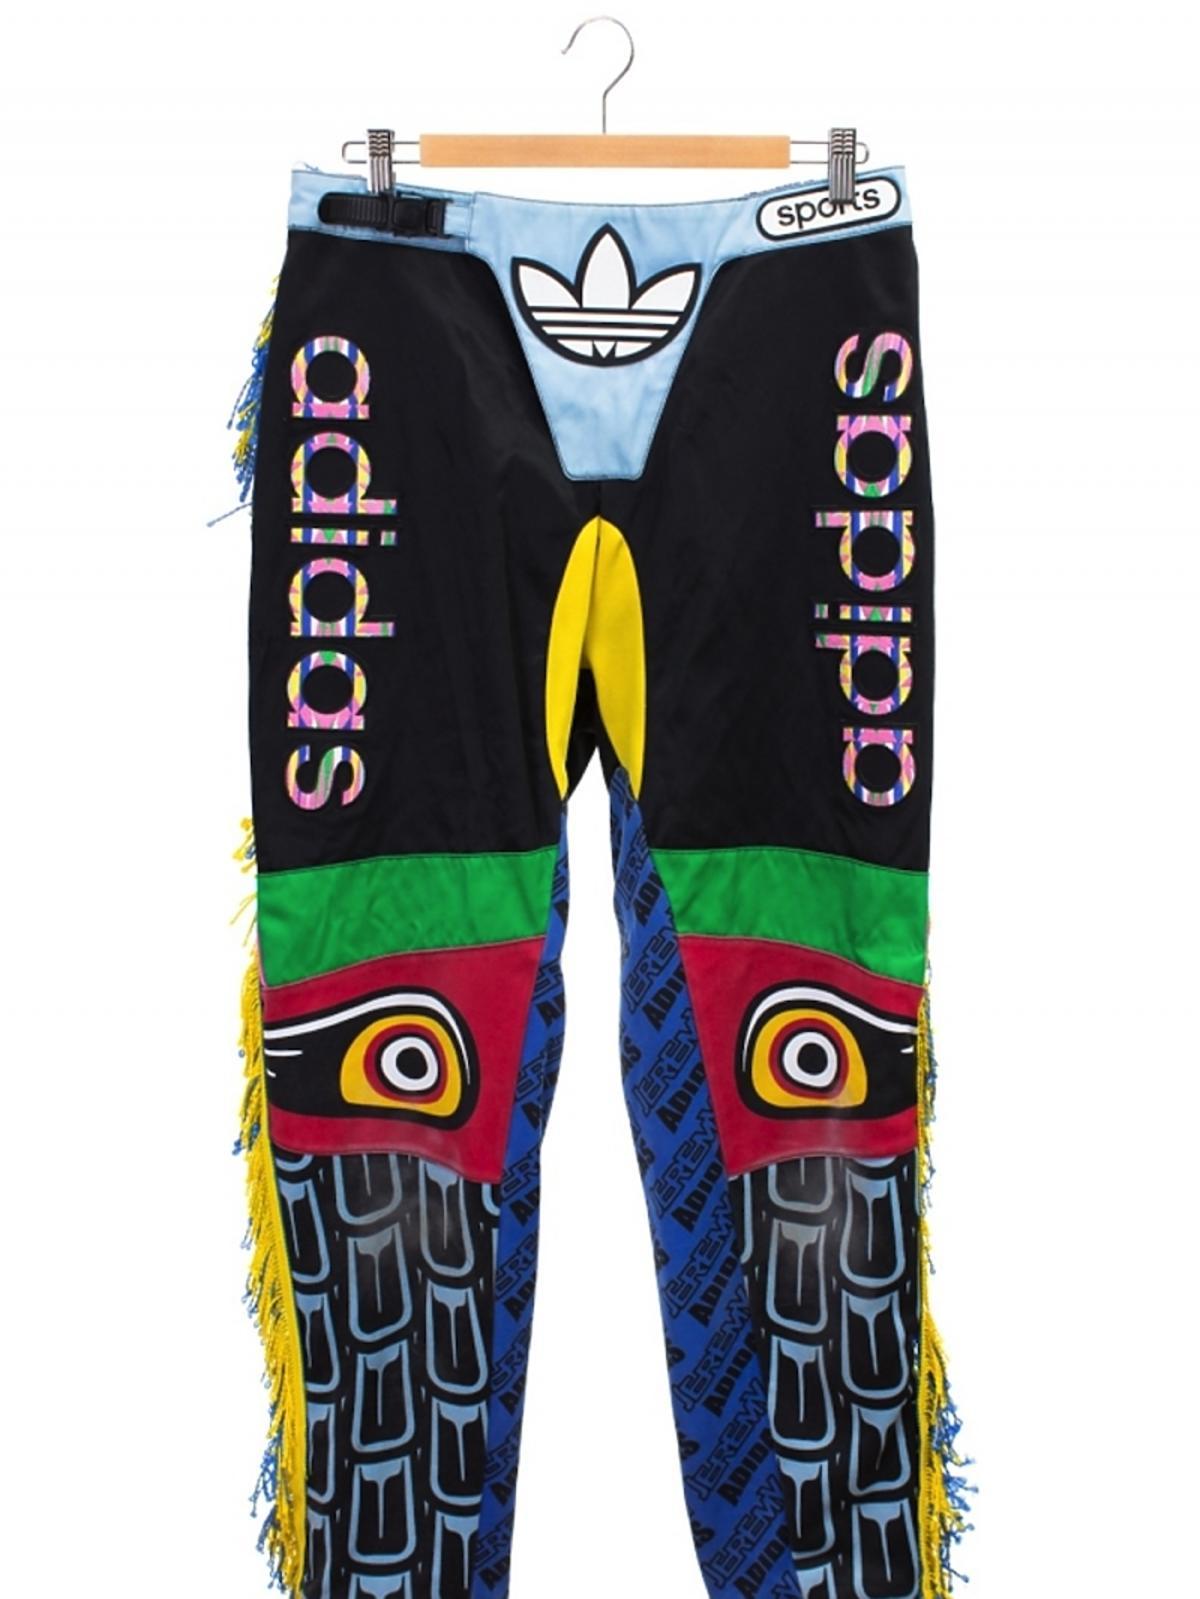 Spodnie Jeremy Scott for Adidas, 996 zł